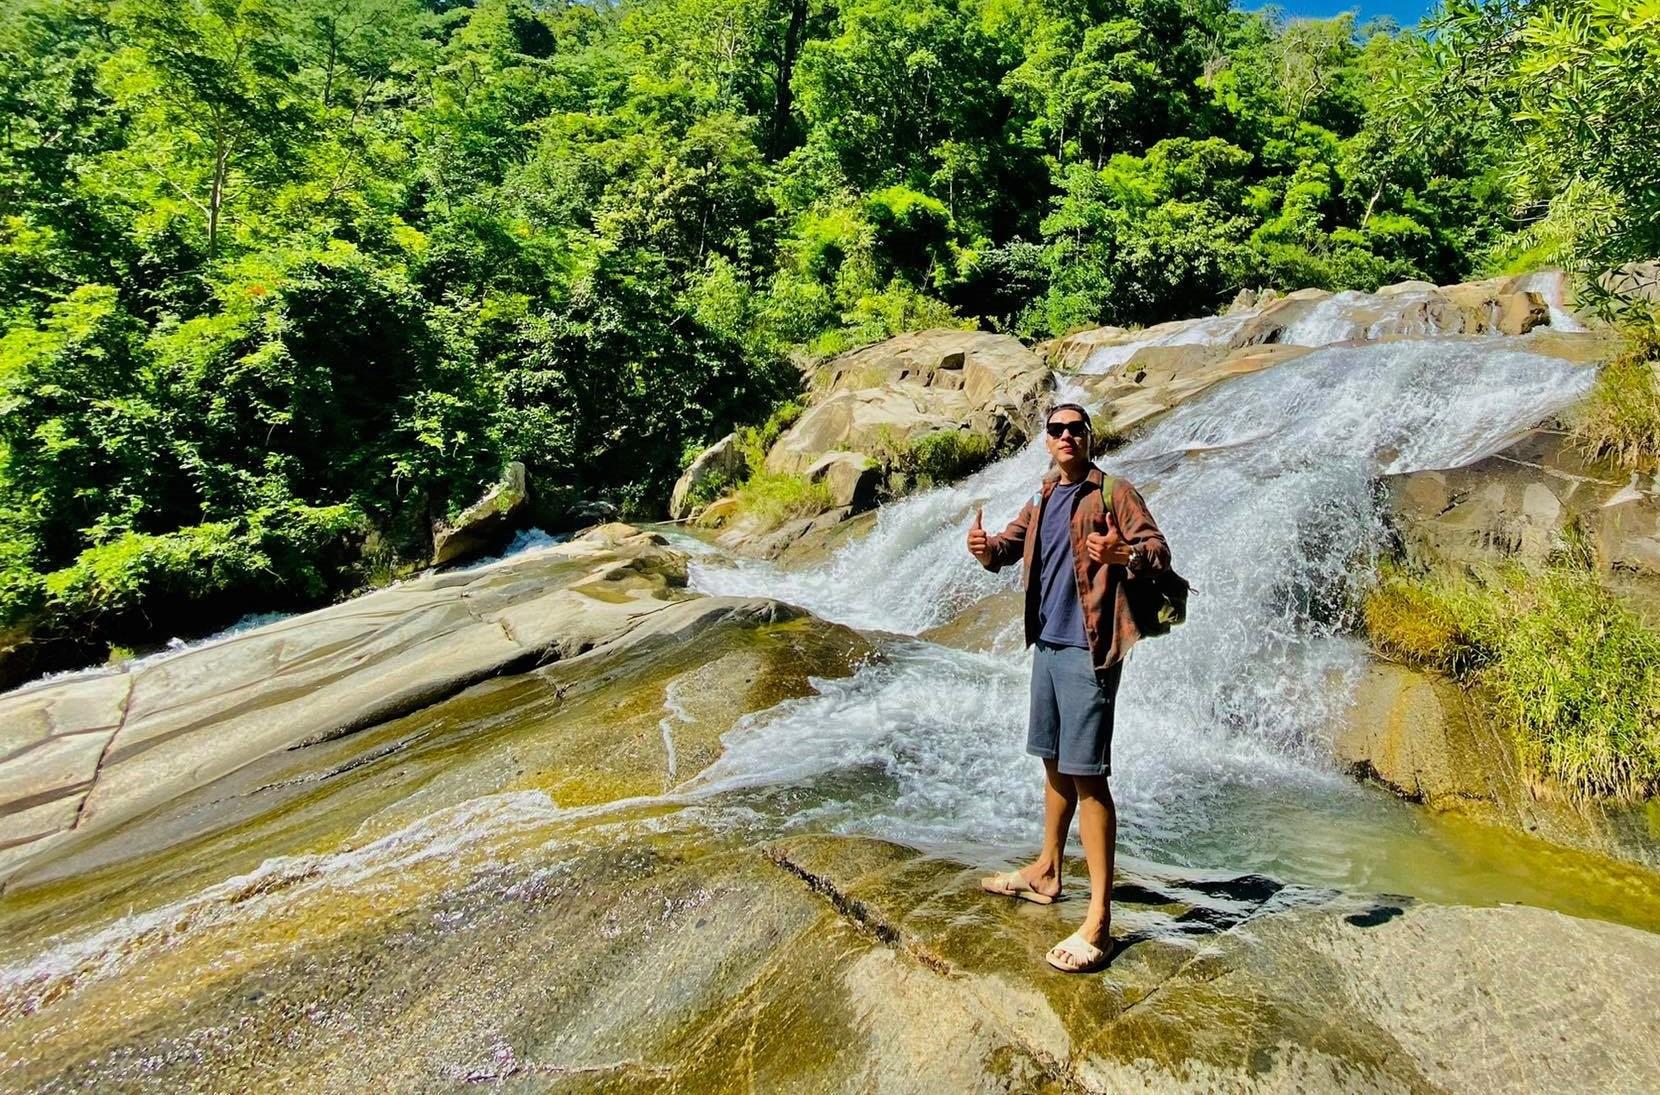 Suối nước hoang sơ ít người biết gần vườn quốc gia Phước Bình